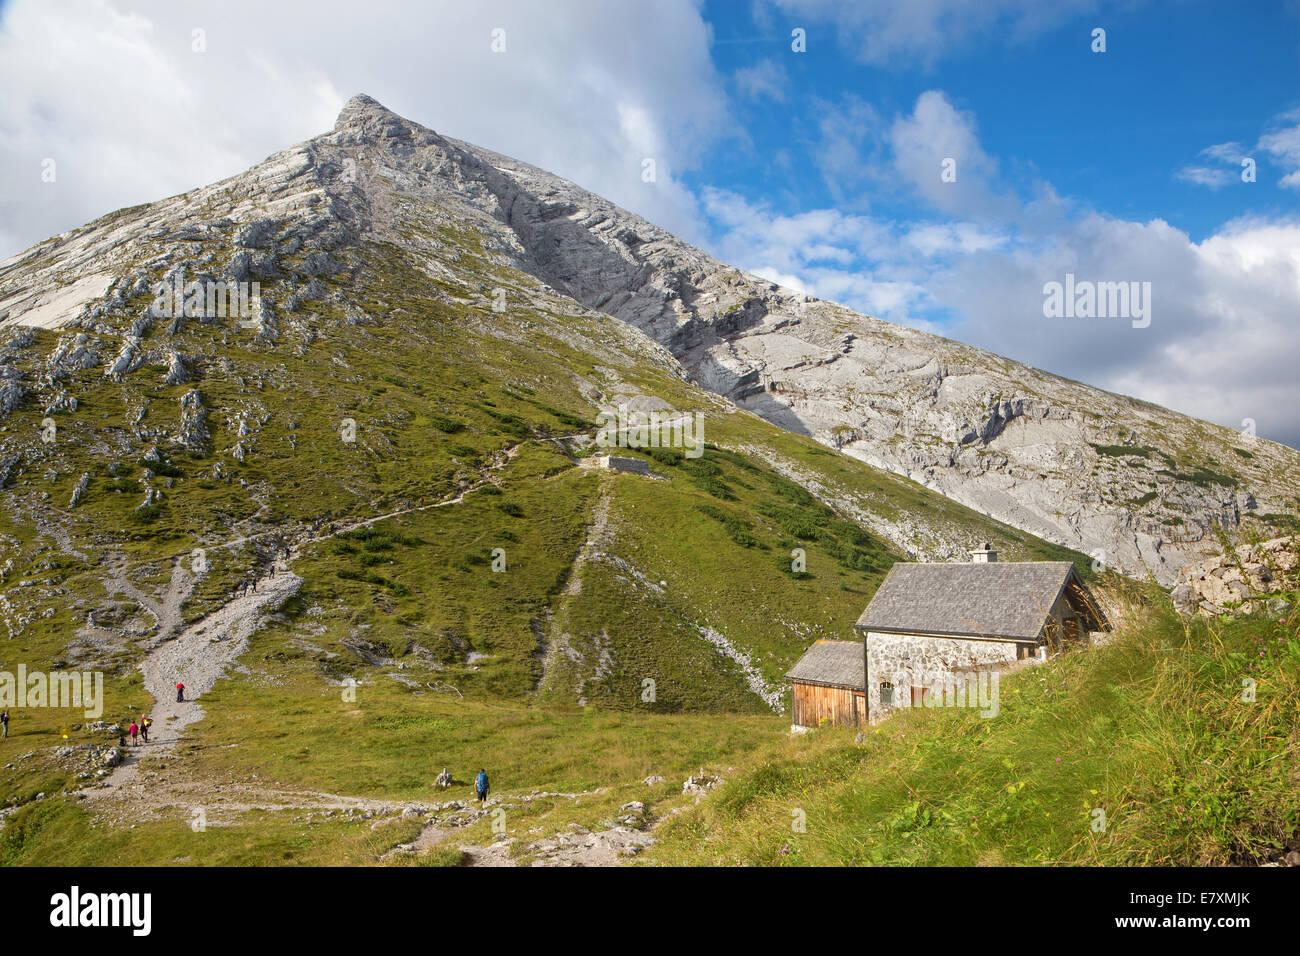 Alps - Watzmann peak from Watzmannhaus chalet - Stock Image